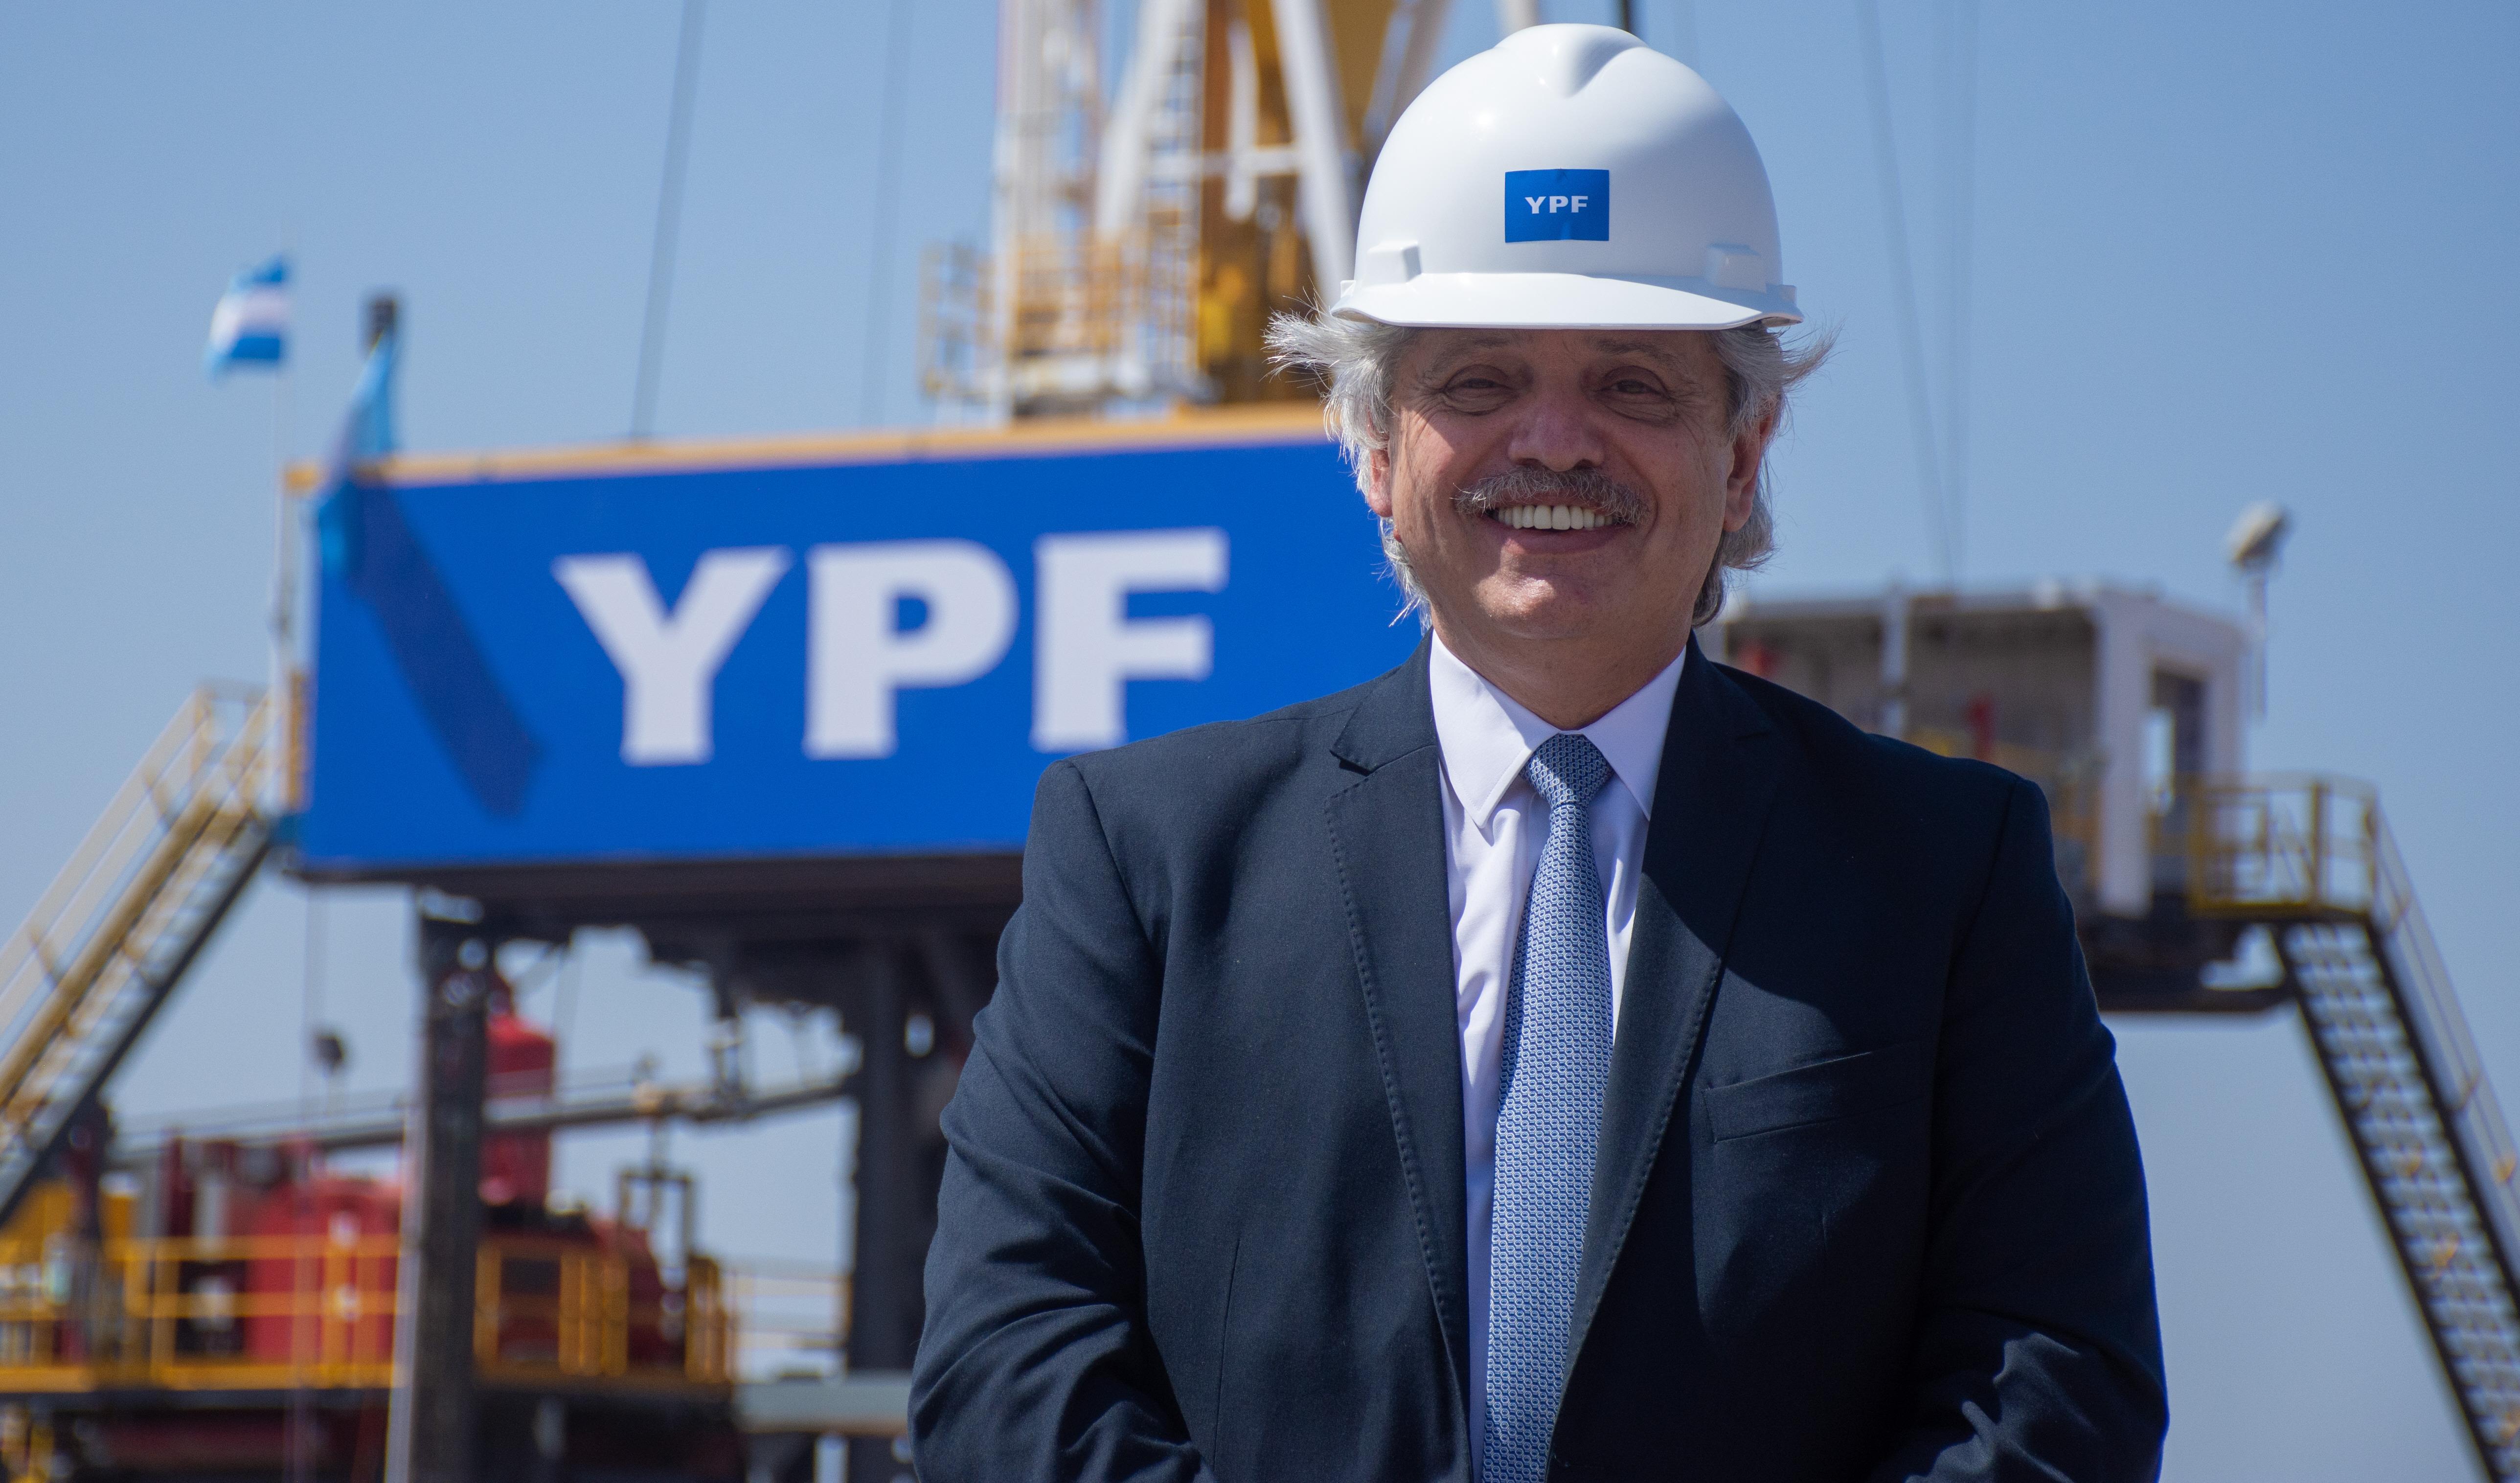 El presidente Alberto Fernández en la presentación del Plan Gas, en Vaca Muerta, el jueves 15 de octubre.